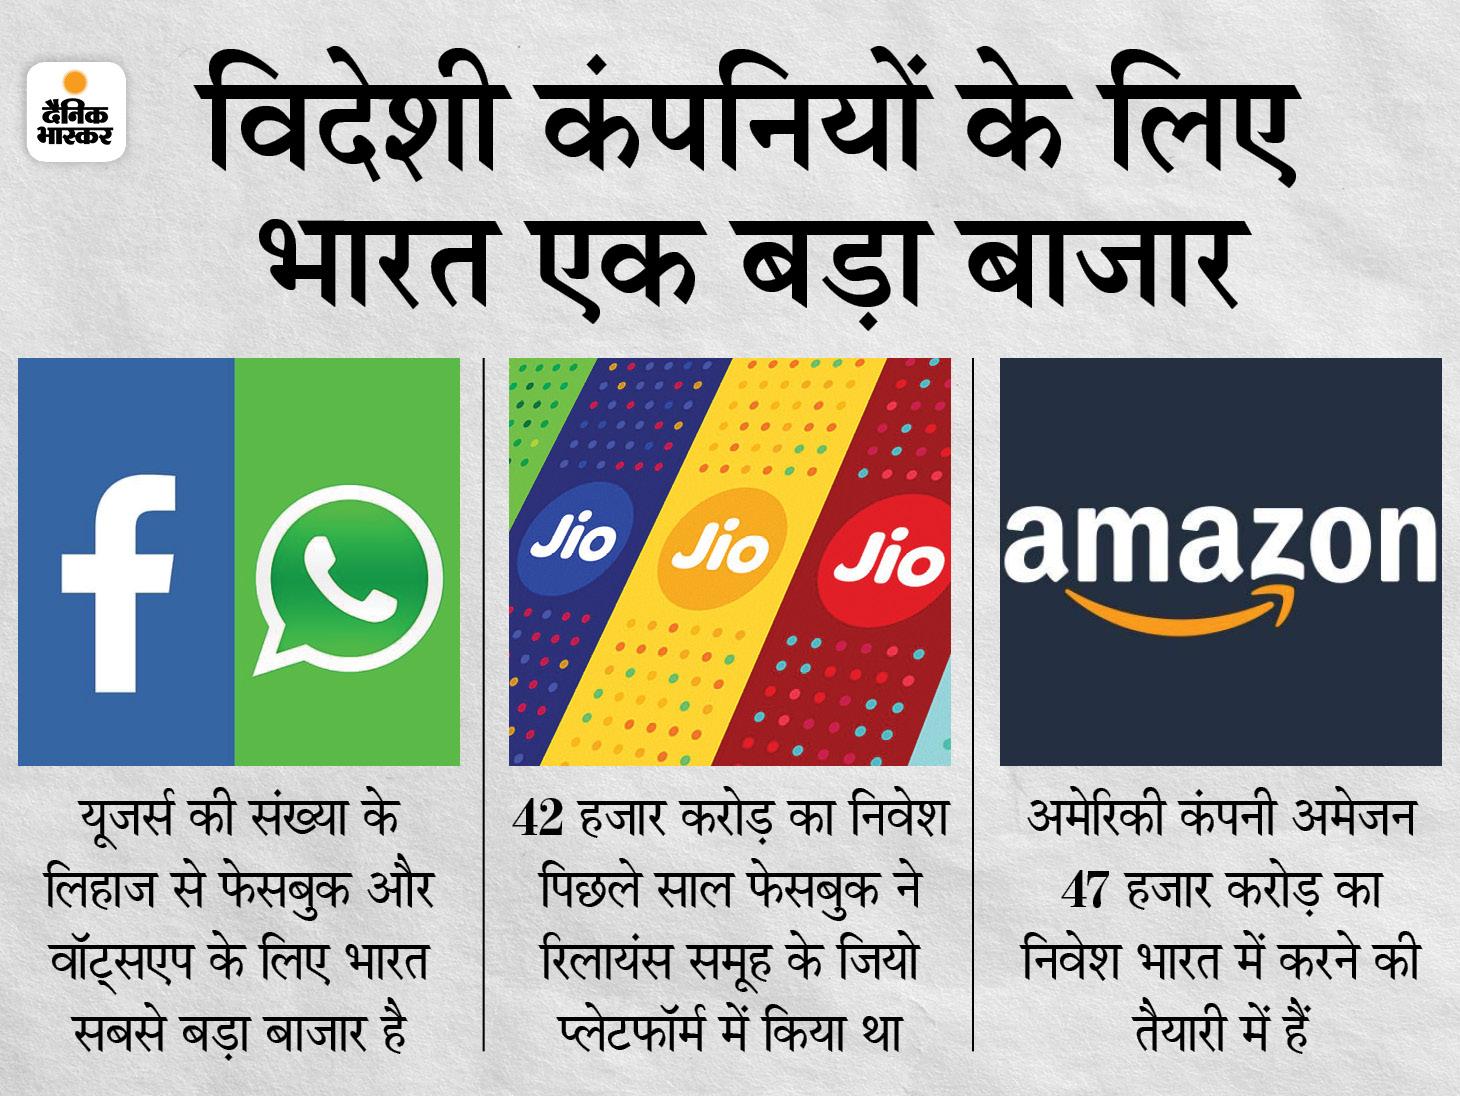 विदेशी कंपनियां आईटी व प्रतिस्पर्धा के कानूनों में सरकारी सख्ती को गिना रही हैं। - Dainik Bhaskar